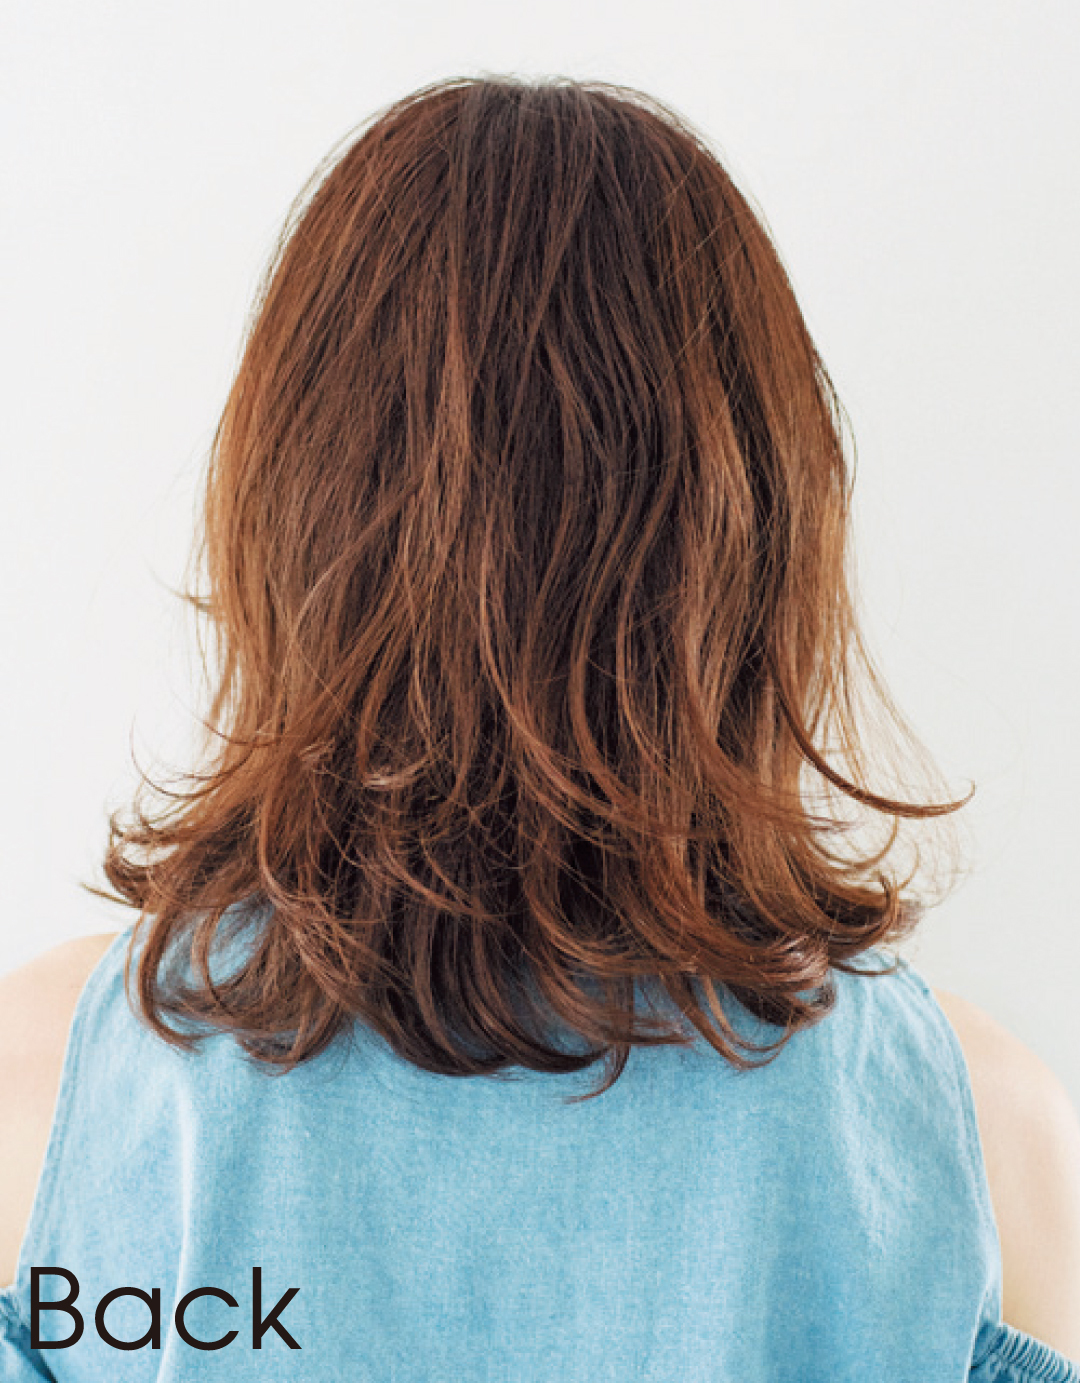 直毛でもふんわり感が出せる! 有村架純さん風ミディヘアはコチラ♡ _1_6-2